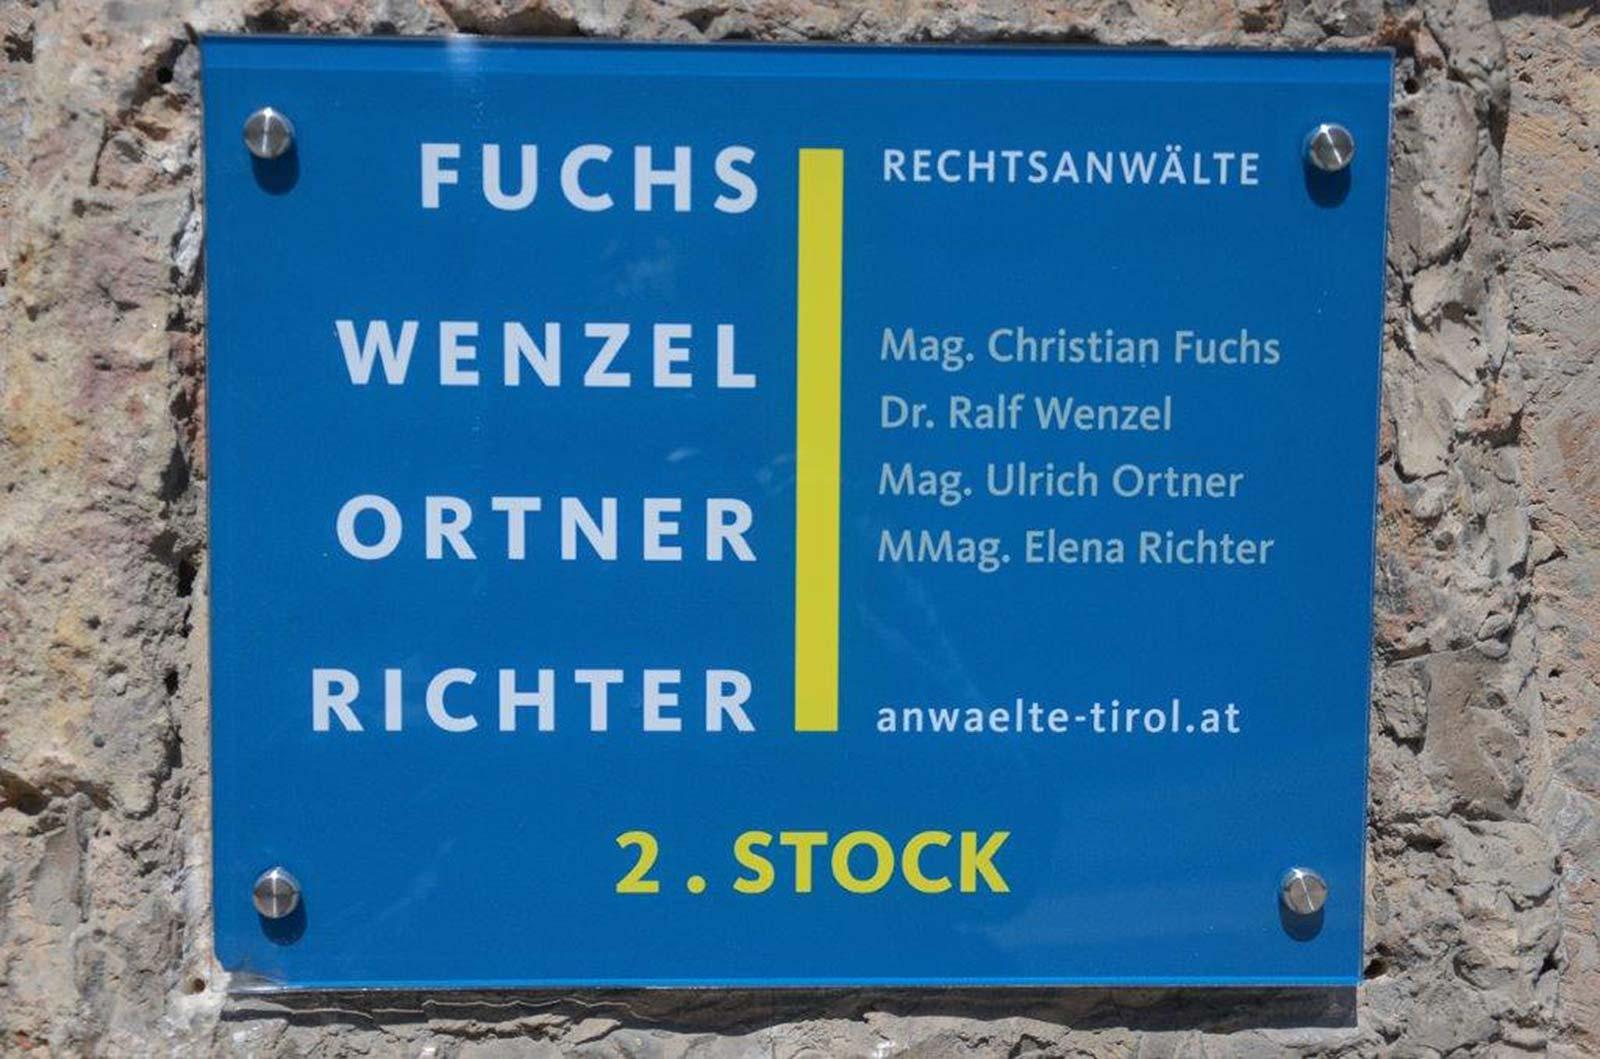 Kanzlei in der Anichstraße 42 | Fuchs Wenzel Ortner Richter Rechtsanwälte, 6020 Innsbruck